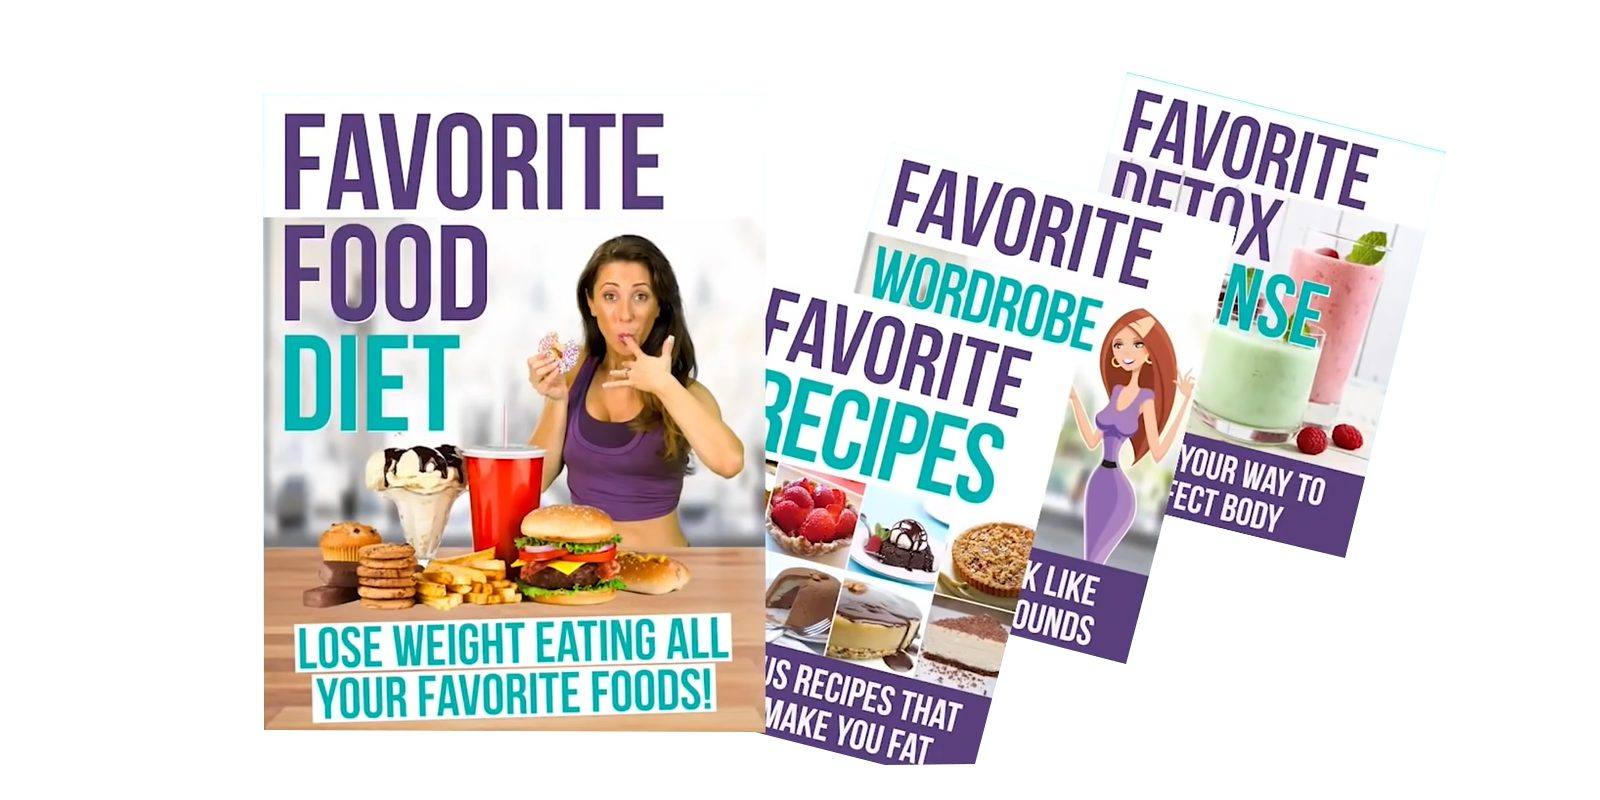 Favorite-Food-Diet-Review